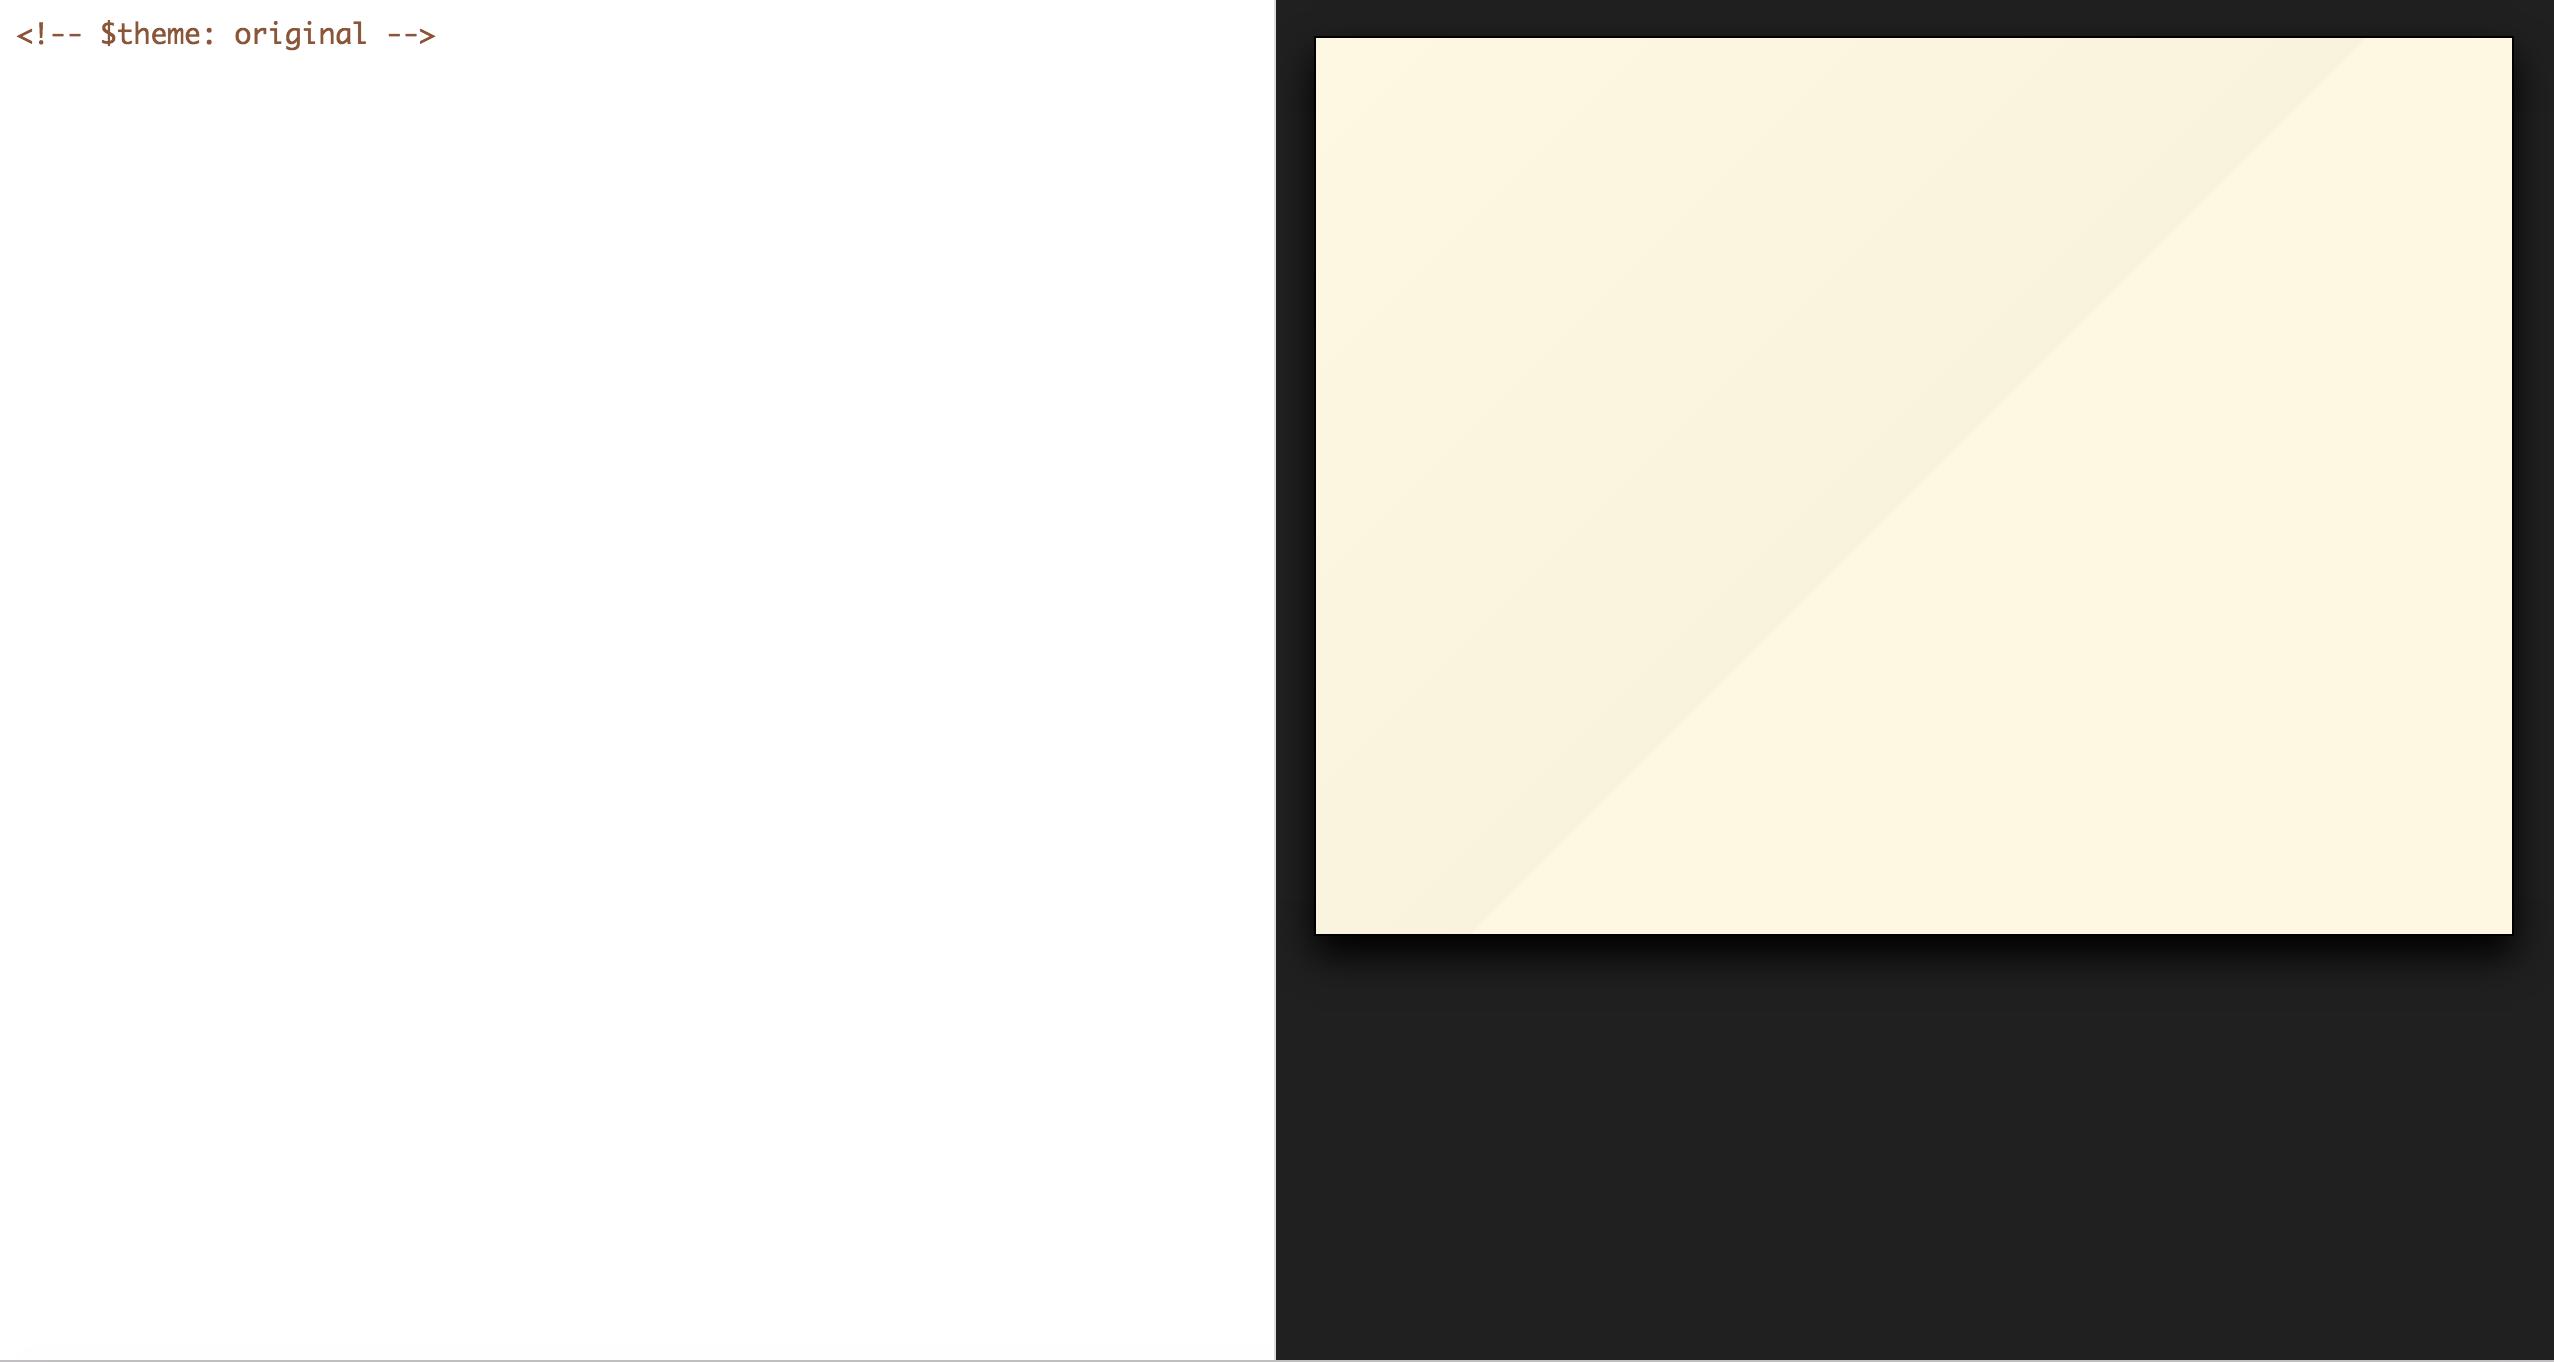 スクリーンショット 2017-08-06 18.50.33.png